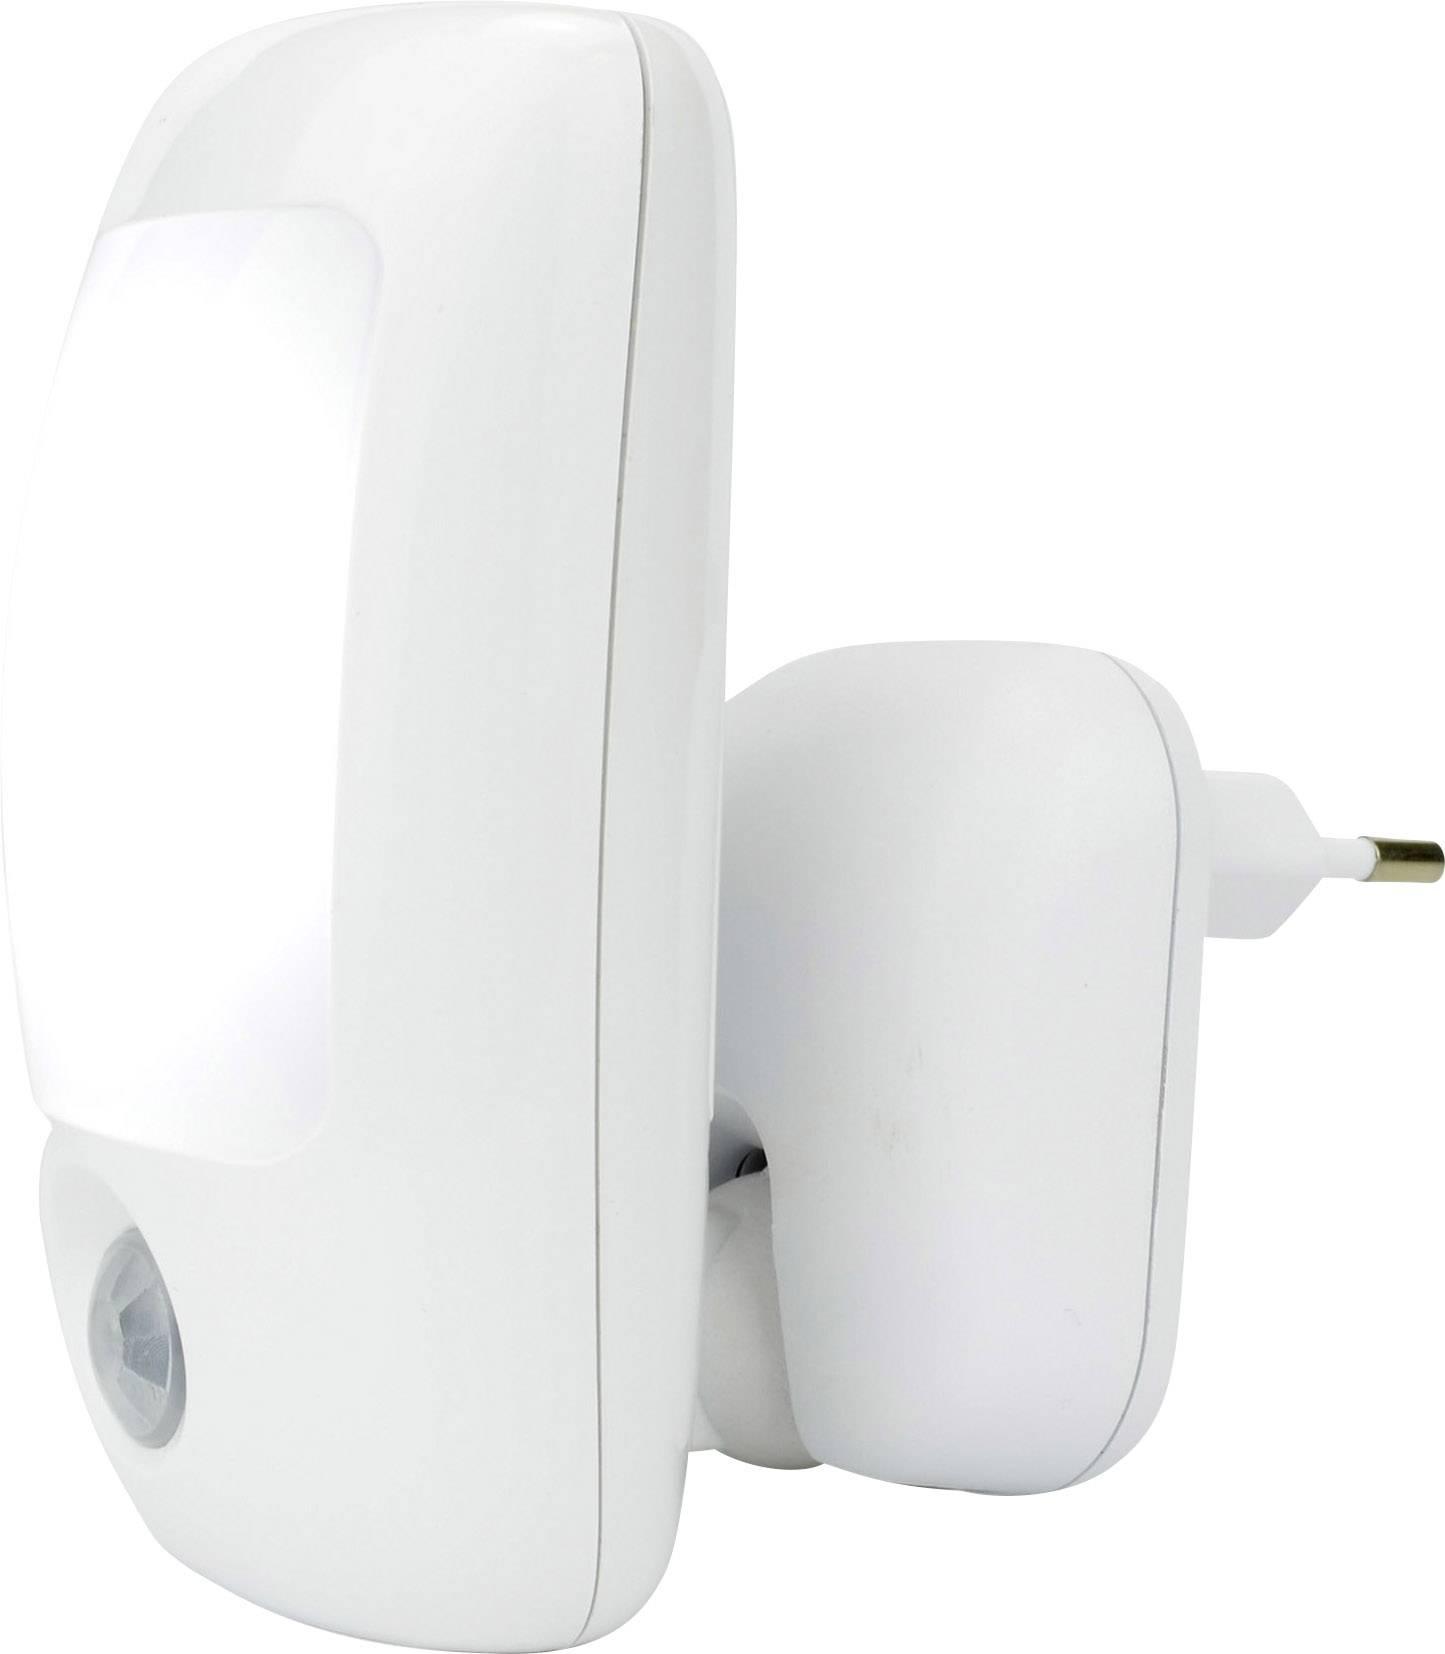 X4 Life 701445 Mini Lampada Con Sensore Di Movimento Led Bianco